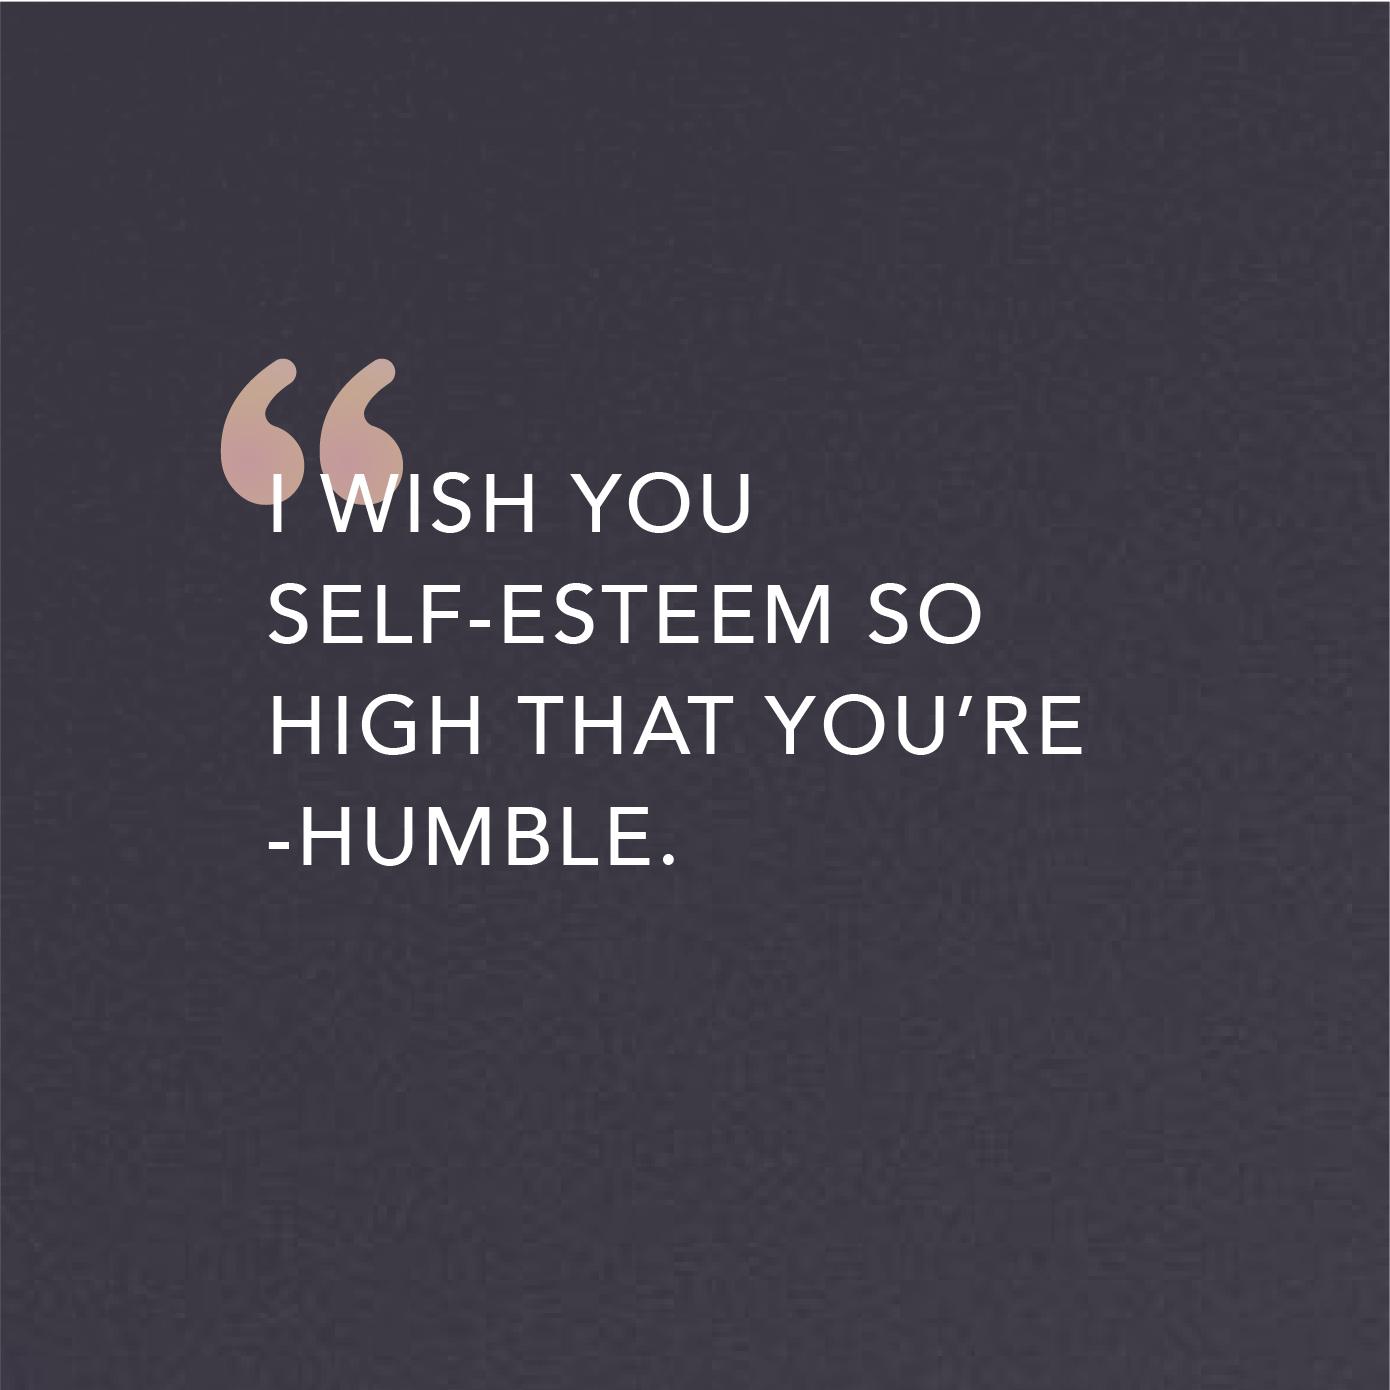 #BeHumble